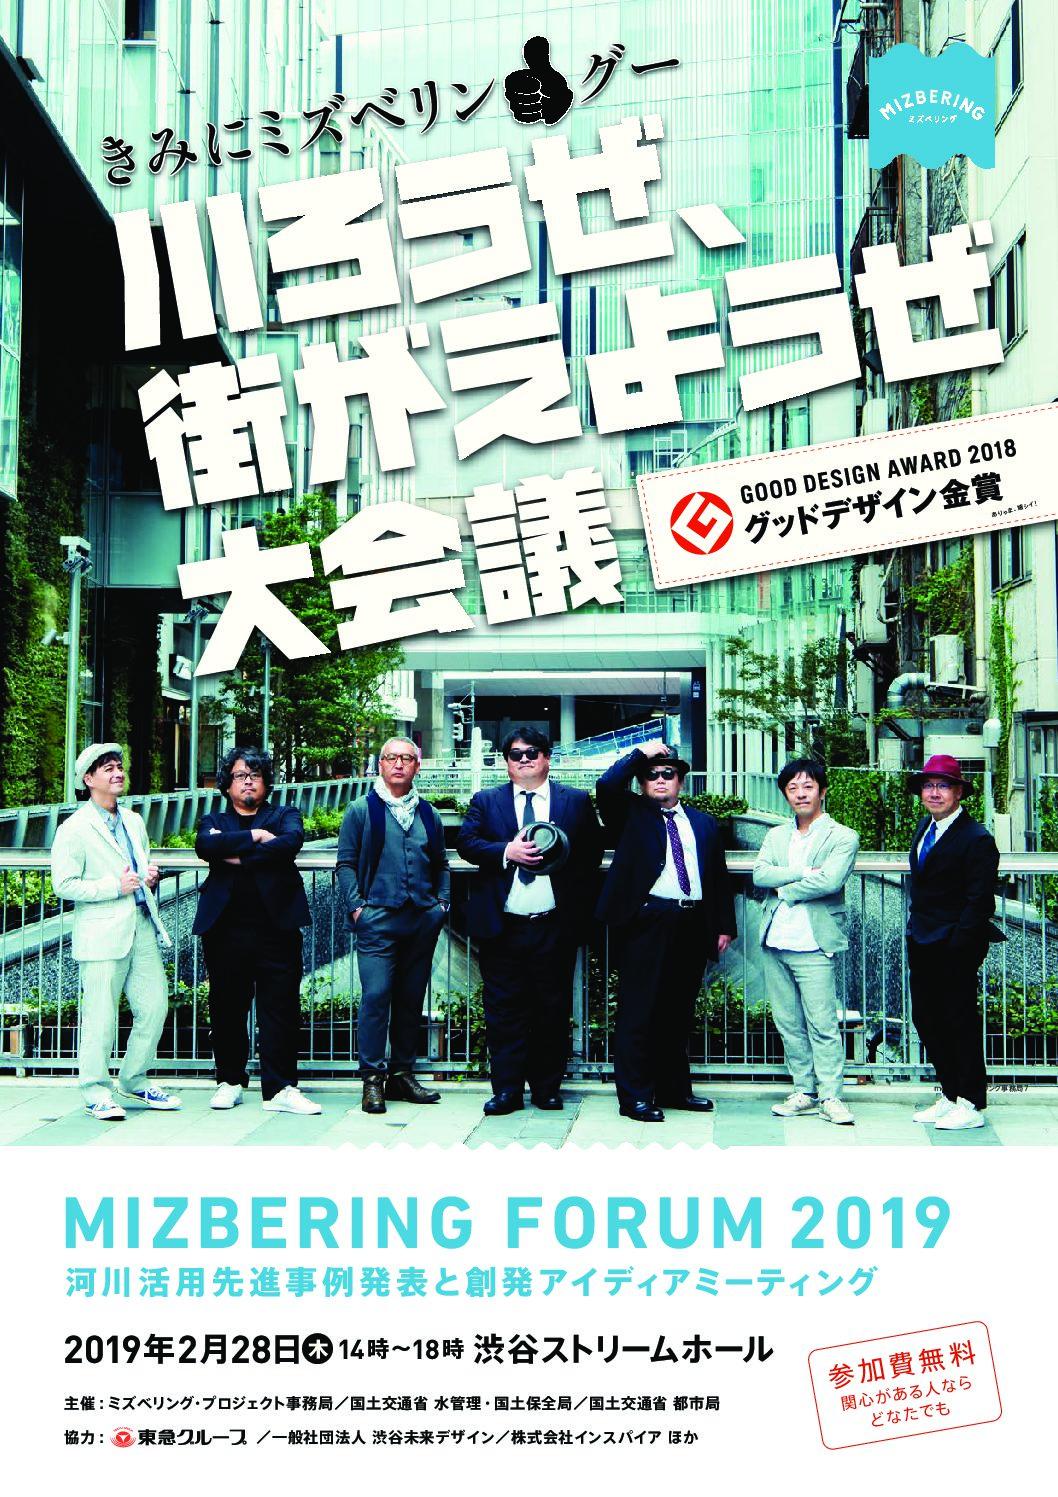 MIZBERING FORUM 2019 が開催されます!!